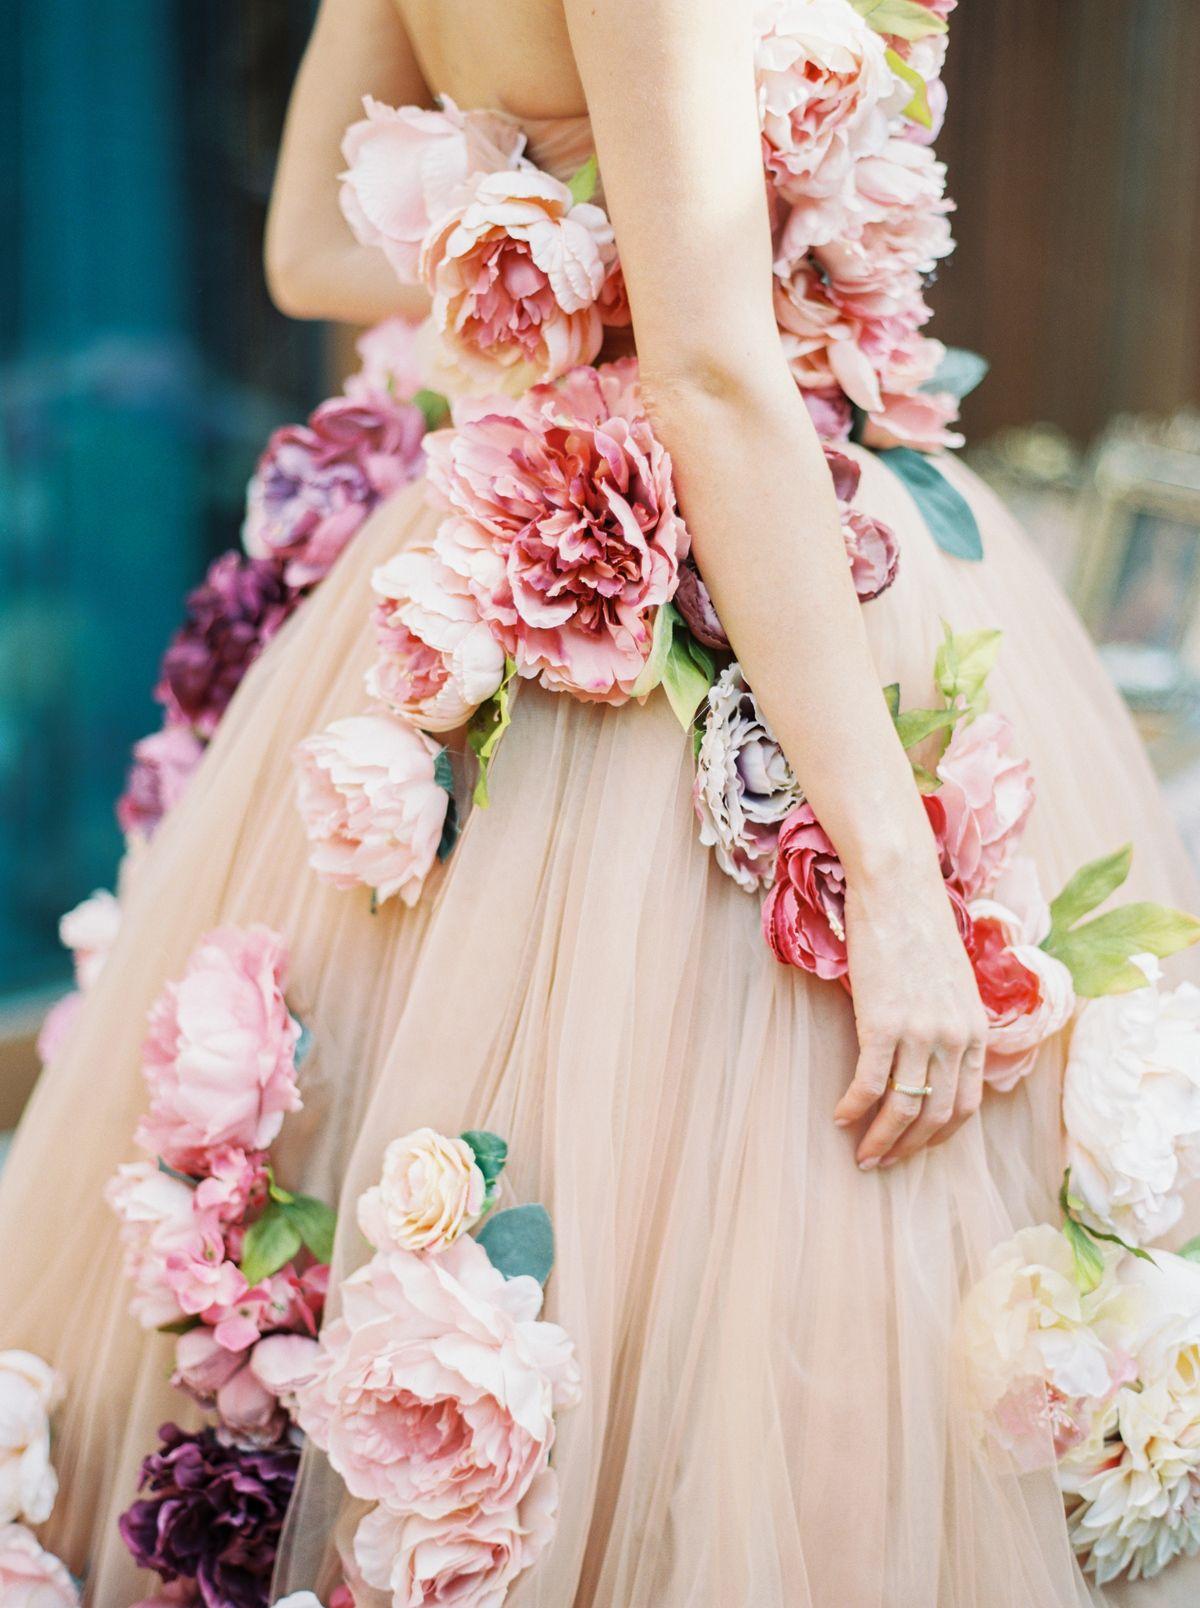 Картинки свадебное платье из цветов